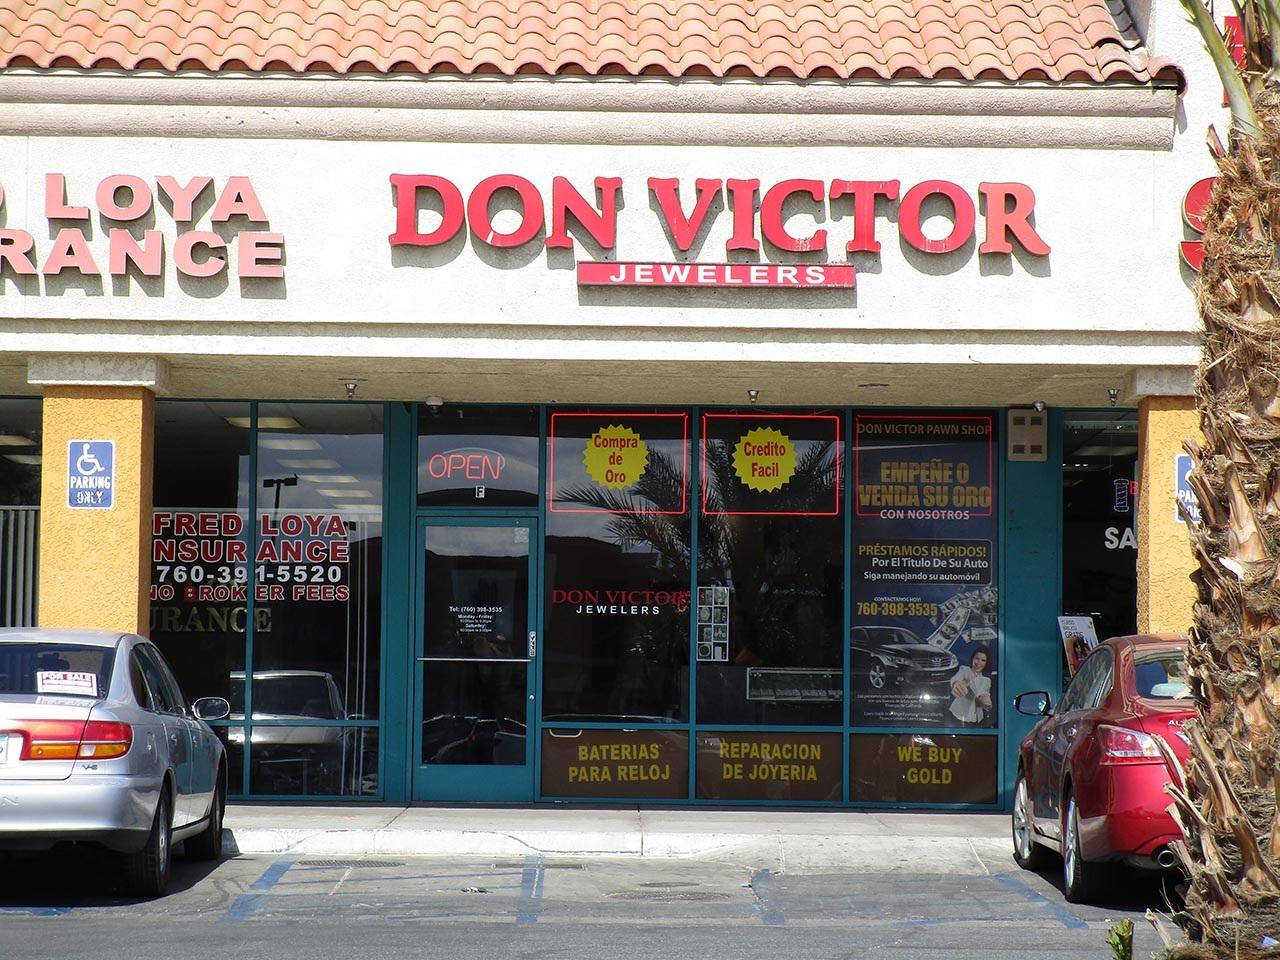 Don Victor Coachella